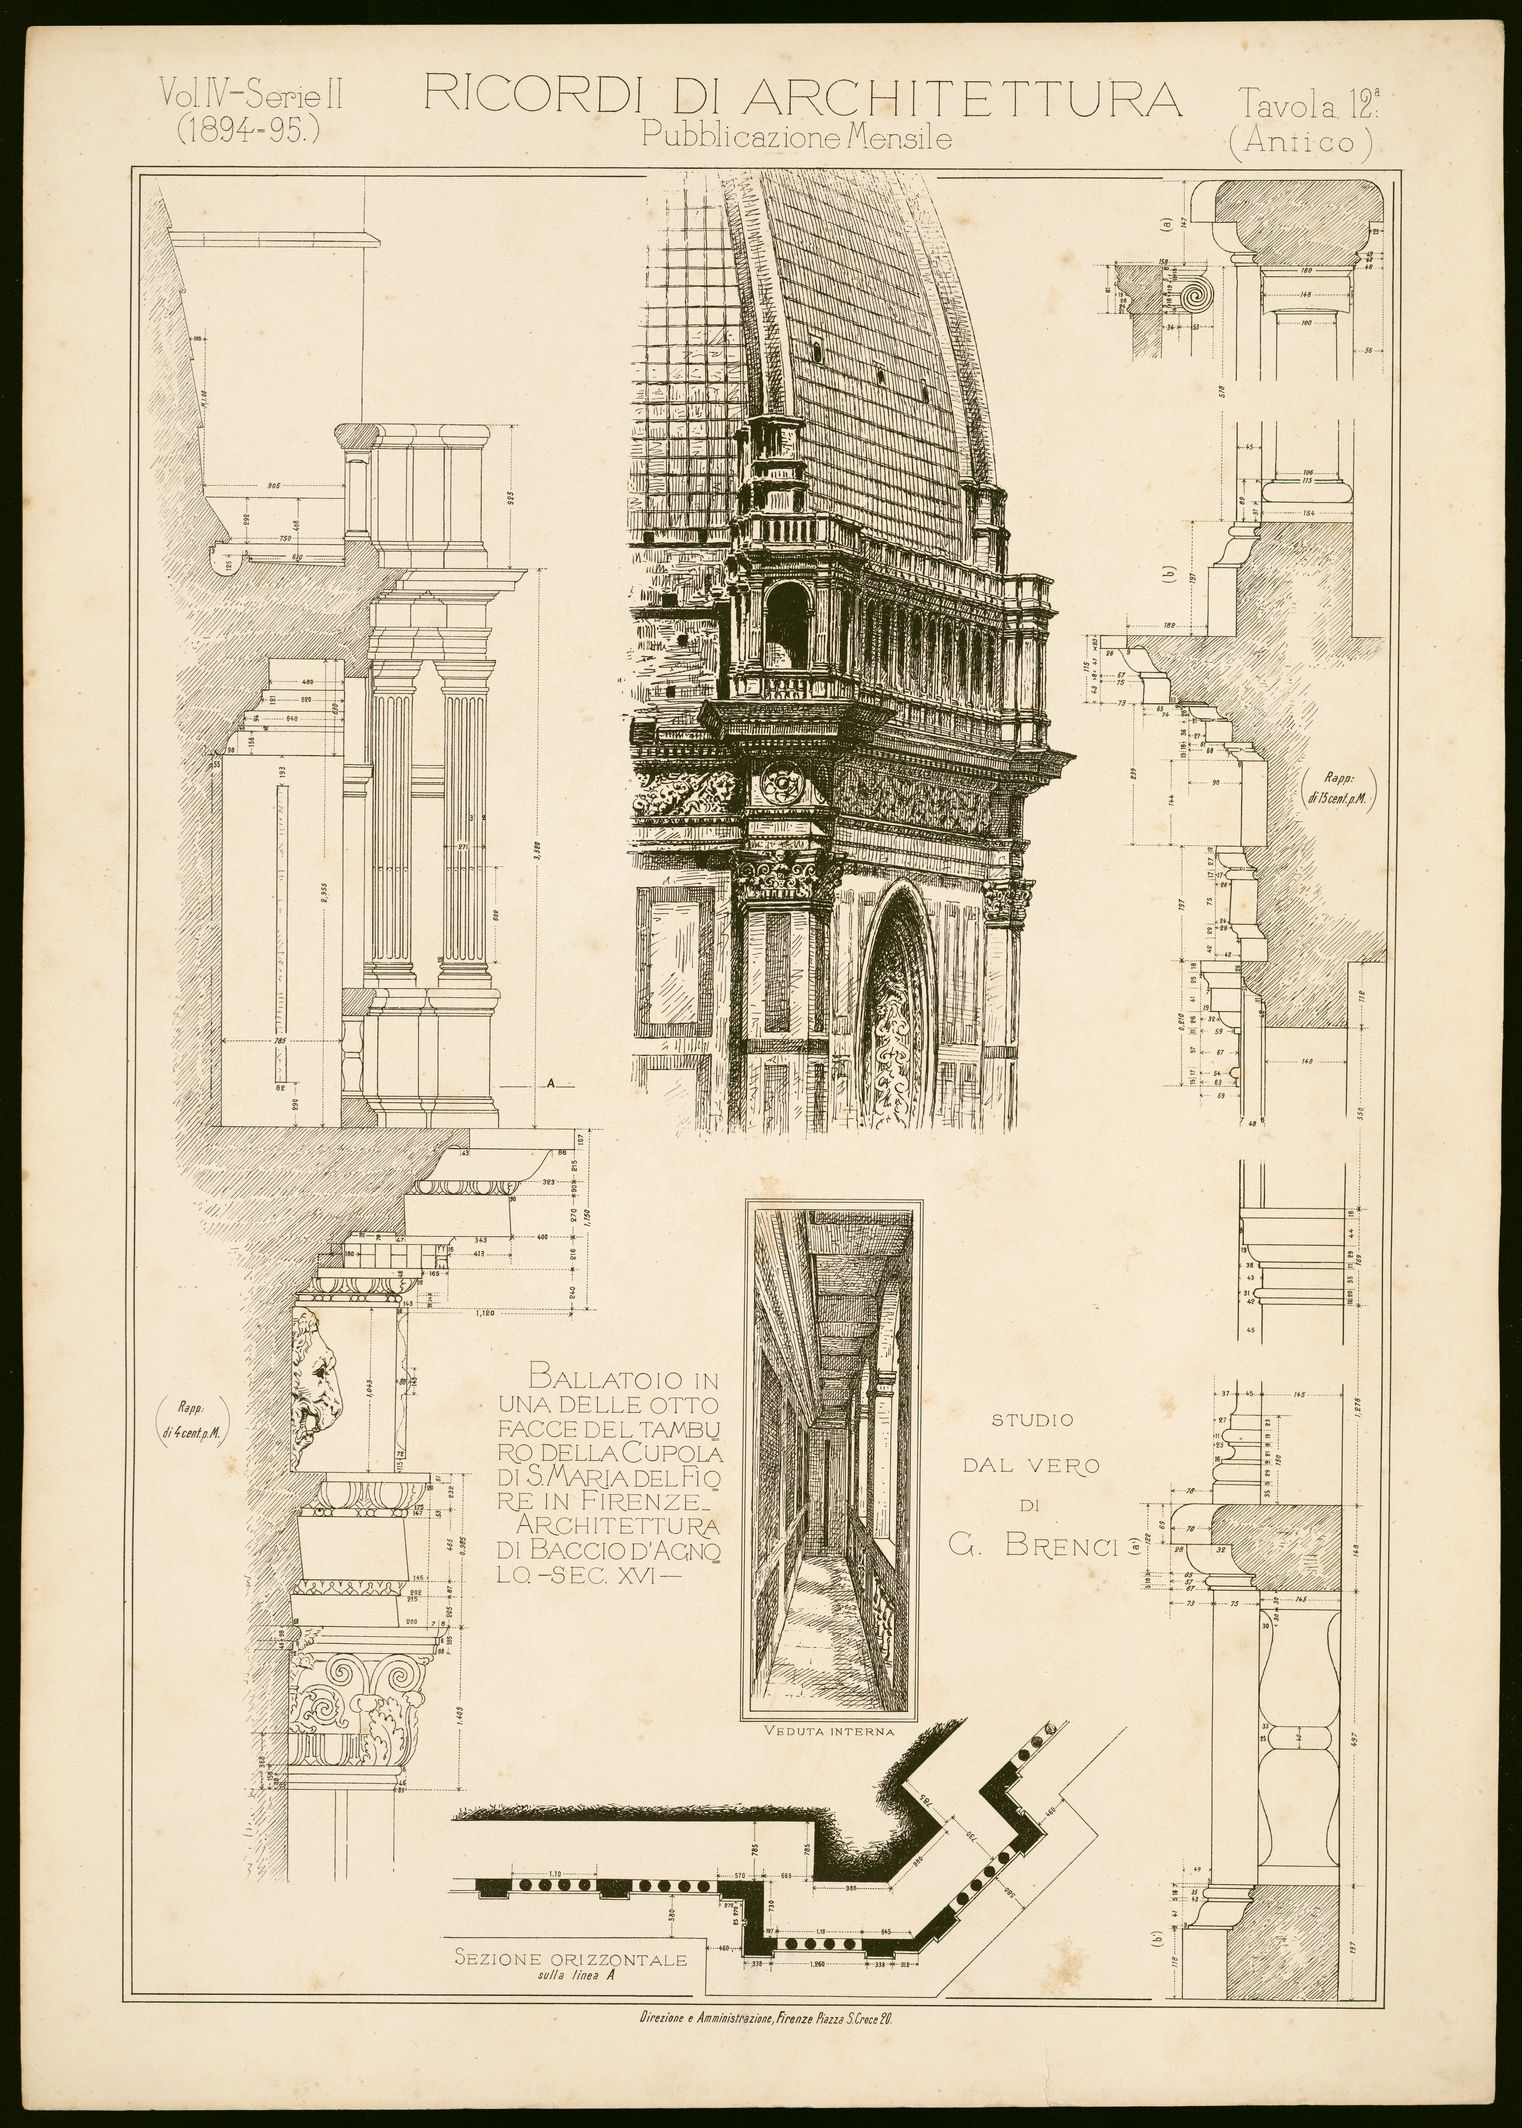 hight resolution of ballatoio in una delle otto facce del tamburo della cupola di s maria del fiore in firenze architettura di baccio d agnolo sec xvi veduta